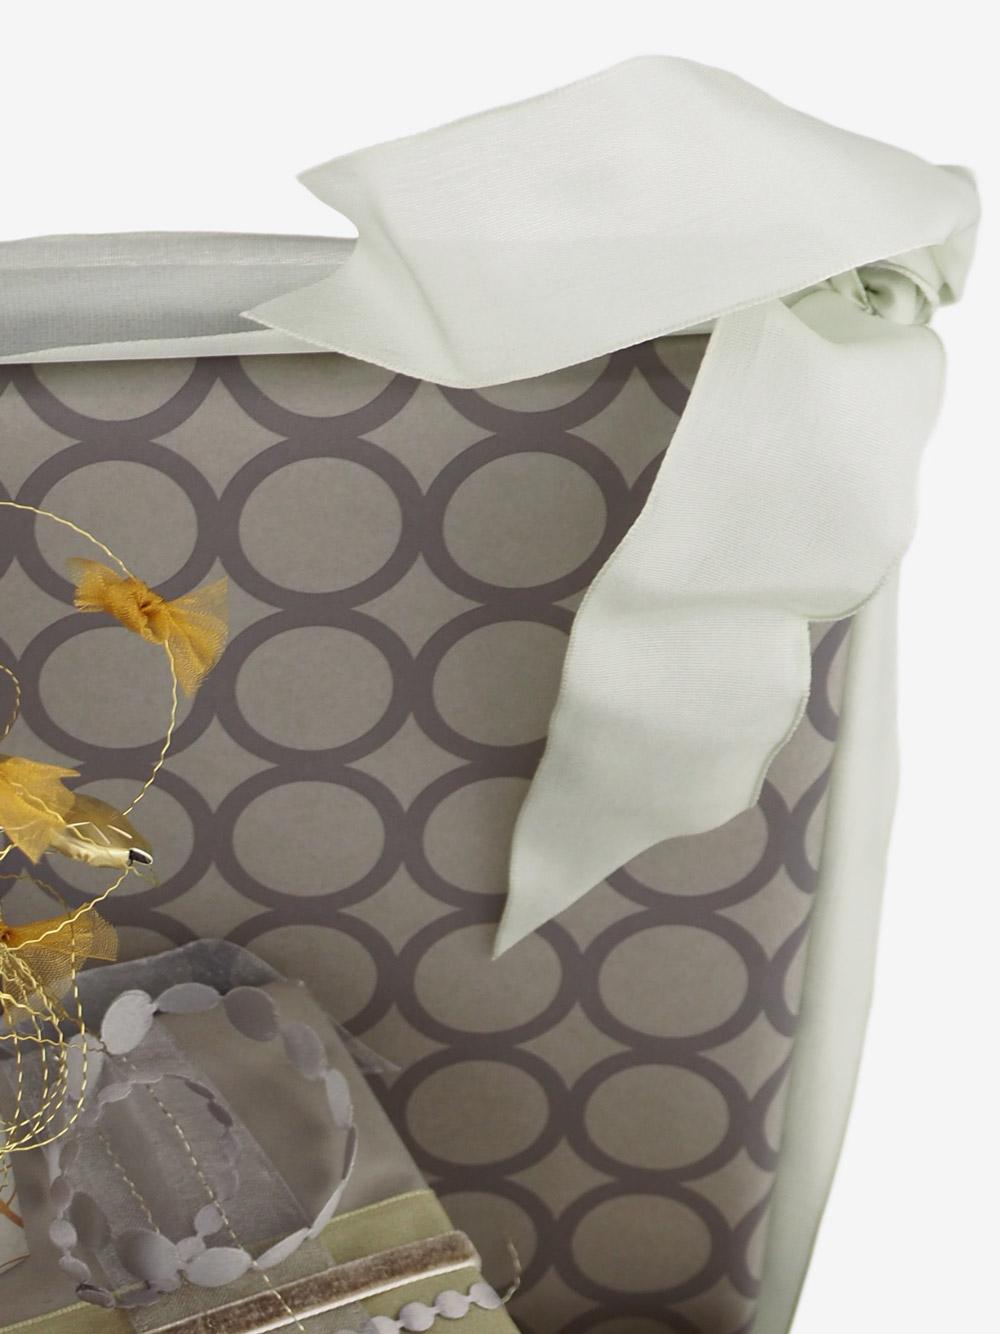 geschenkpapierverpackung-taupe-mit-ringe-grau